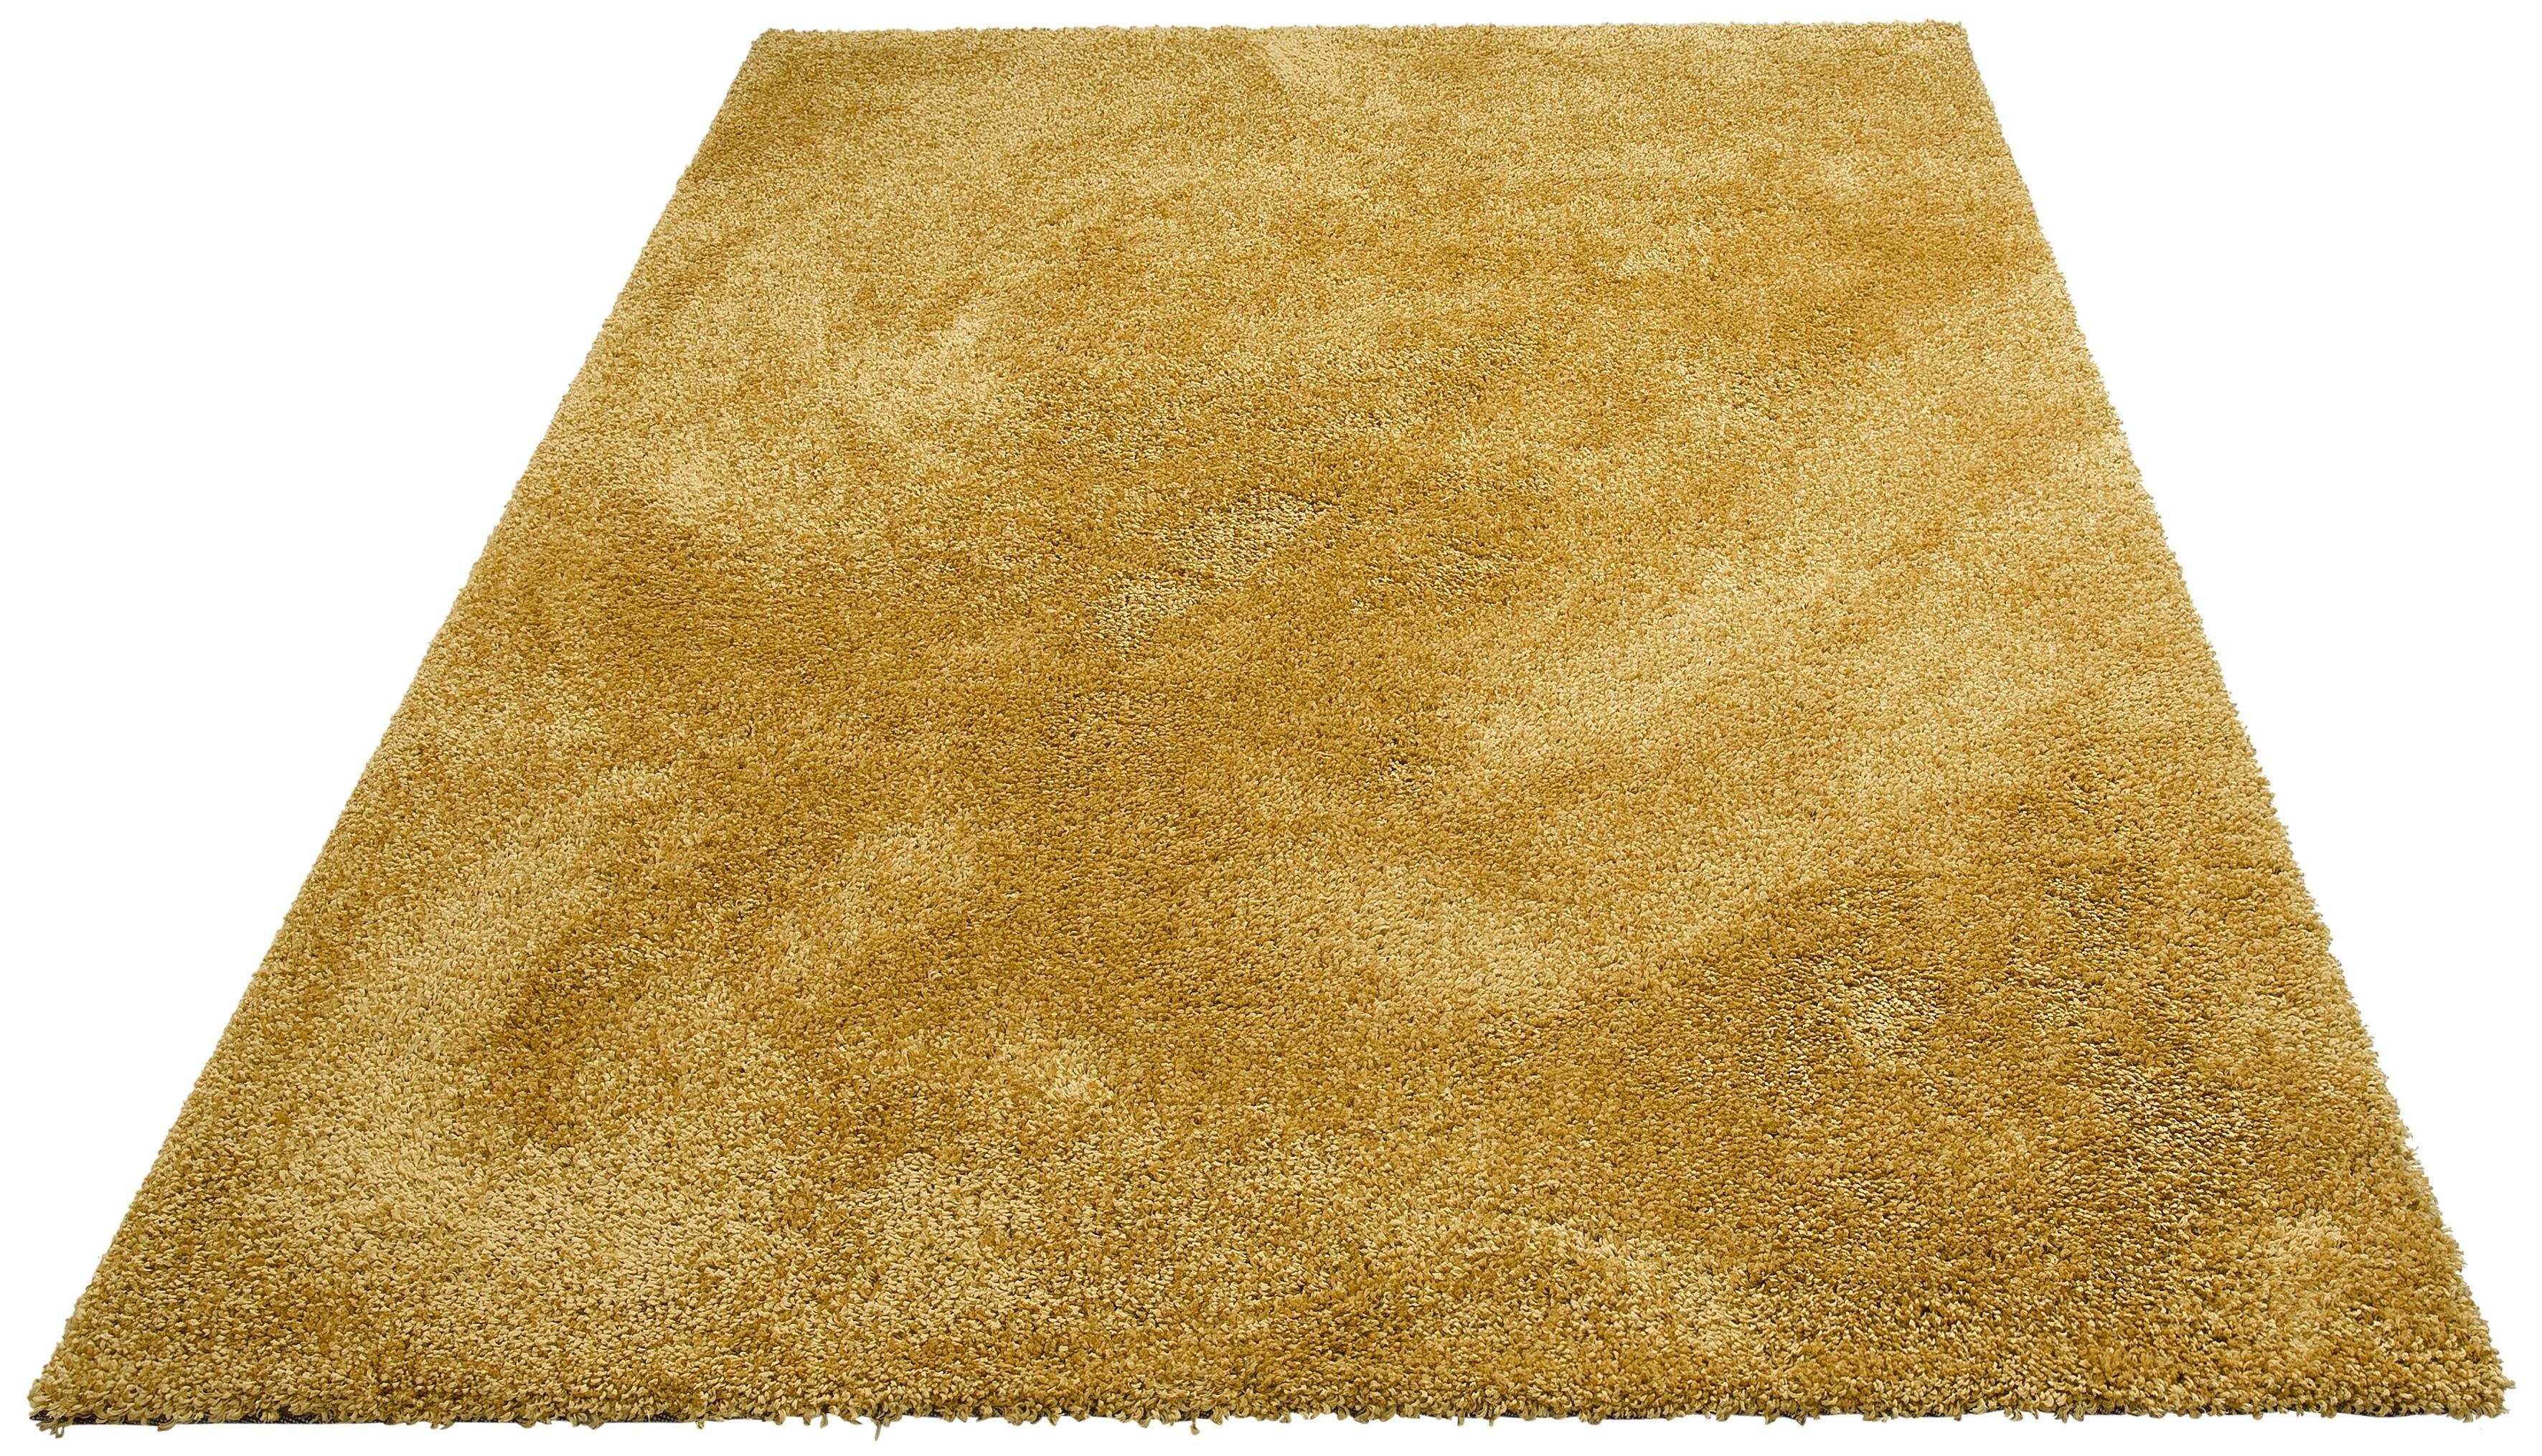 Op zoek naar een Leonique hoogpolig vloerkleed Floris Bijzonder zacht door microvezel, woonkamer? Koop online bij OTTO